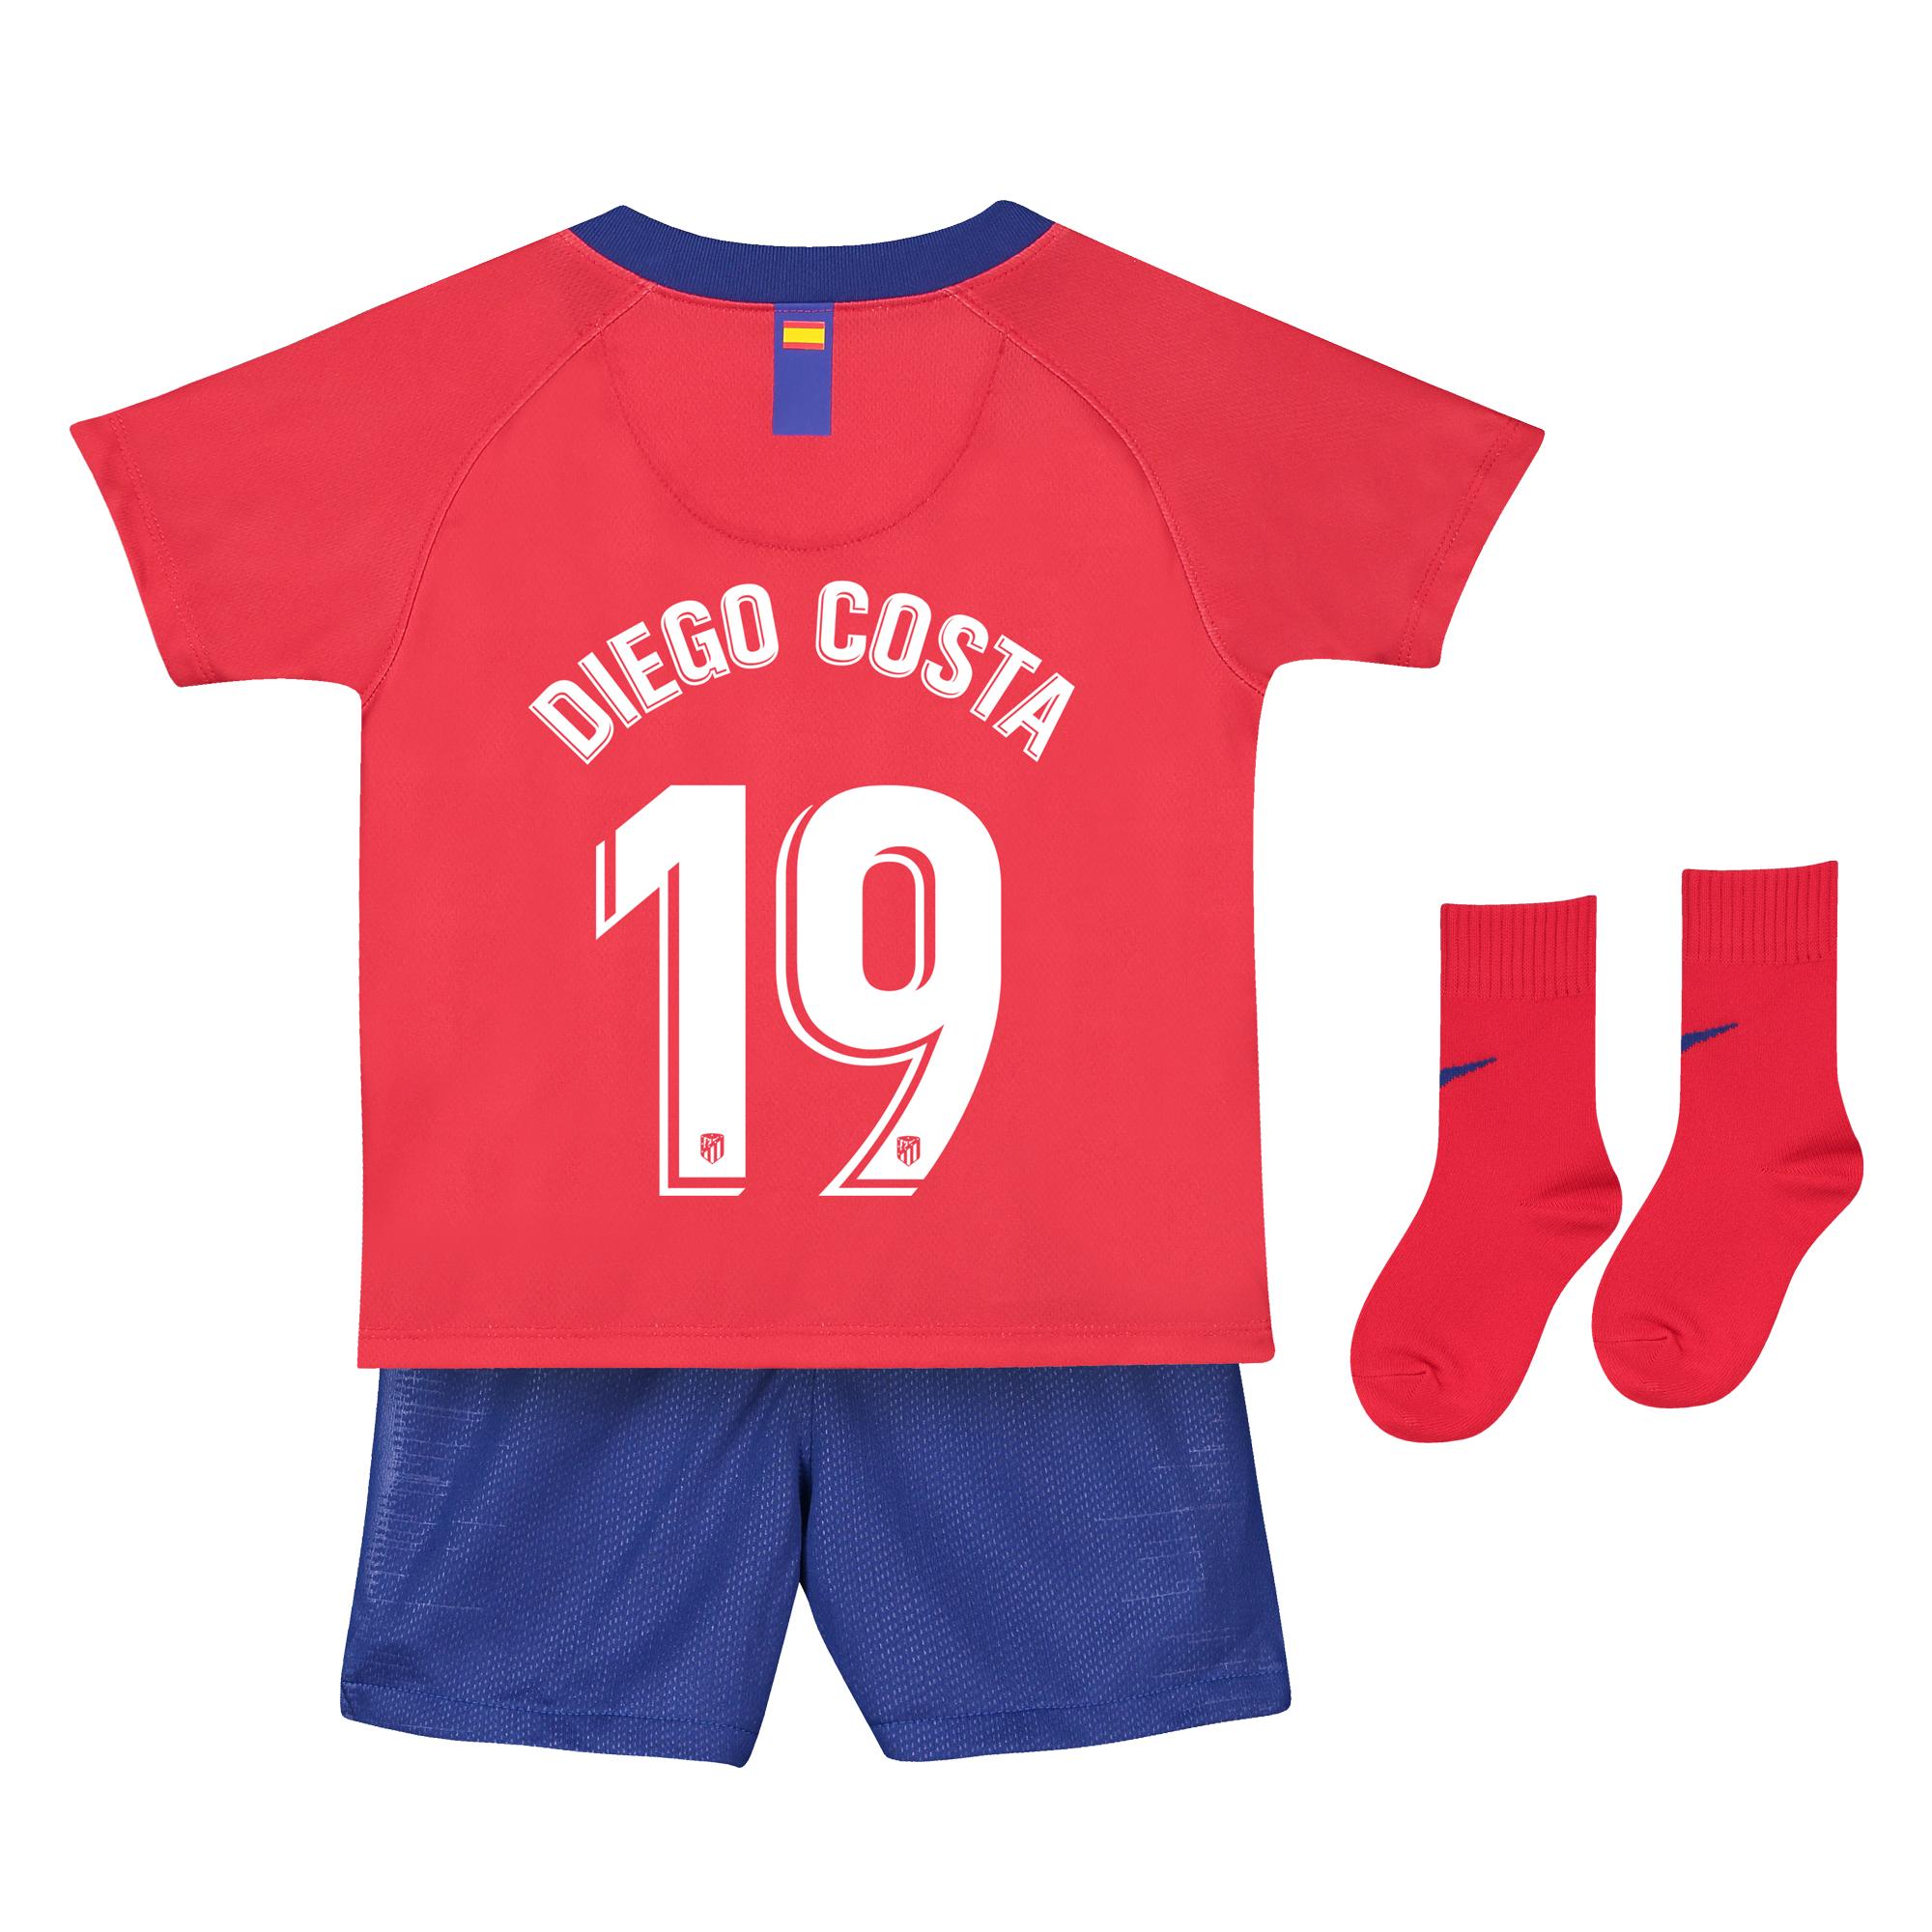 Conjunto de la 1ª equipación Stadium del Atlético de Madrid 2018-19 - Bebé dorsal Diego Costa 19